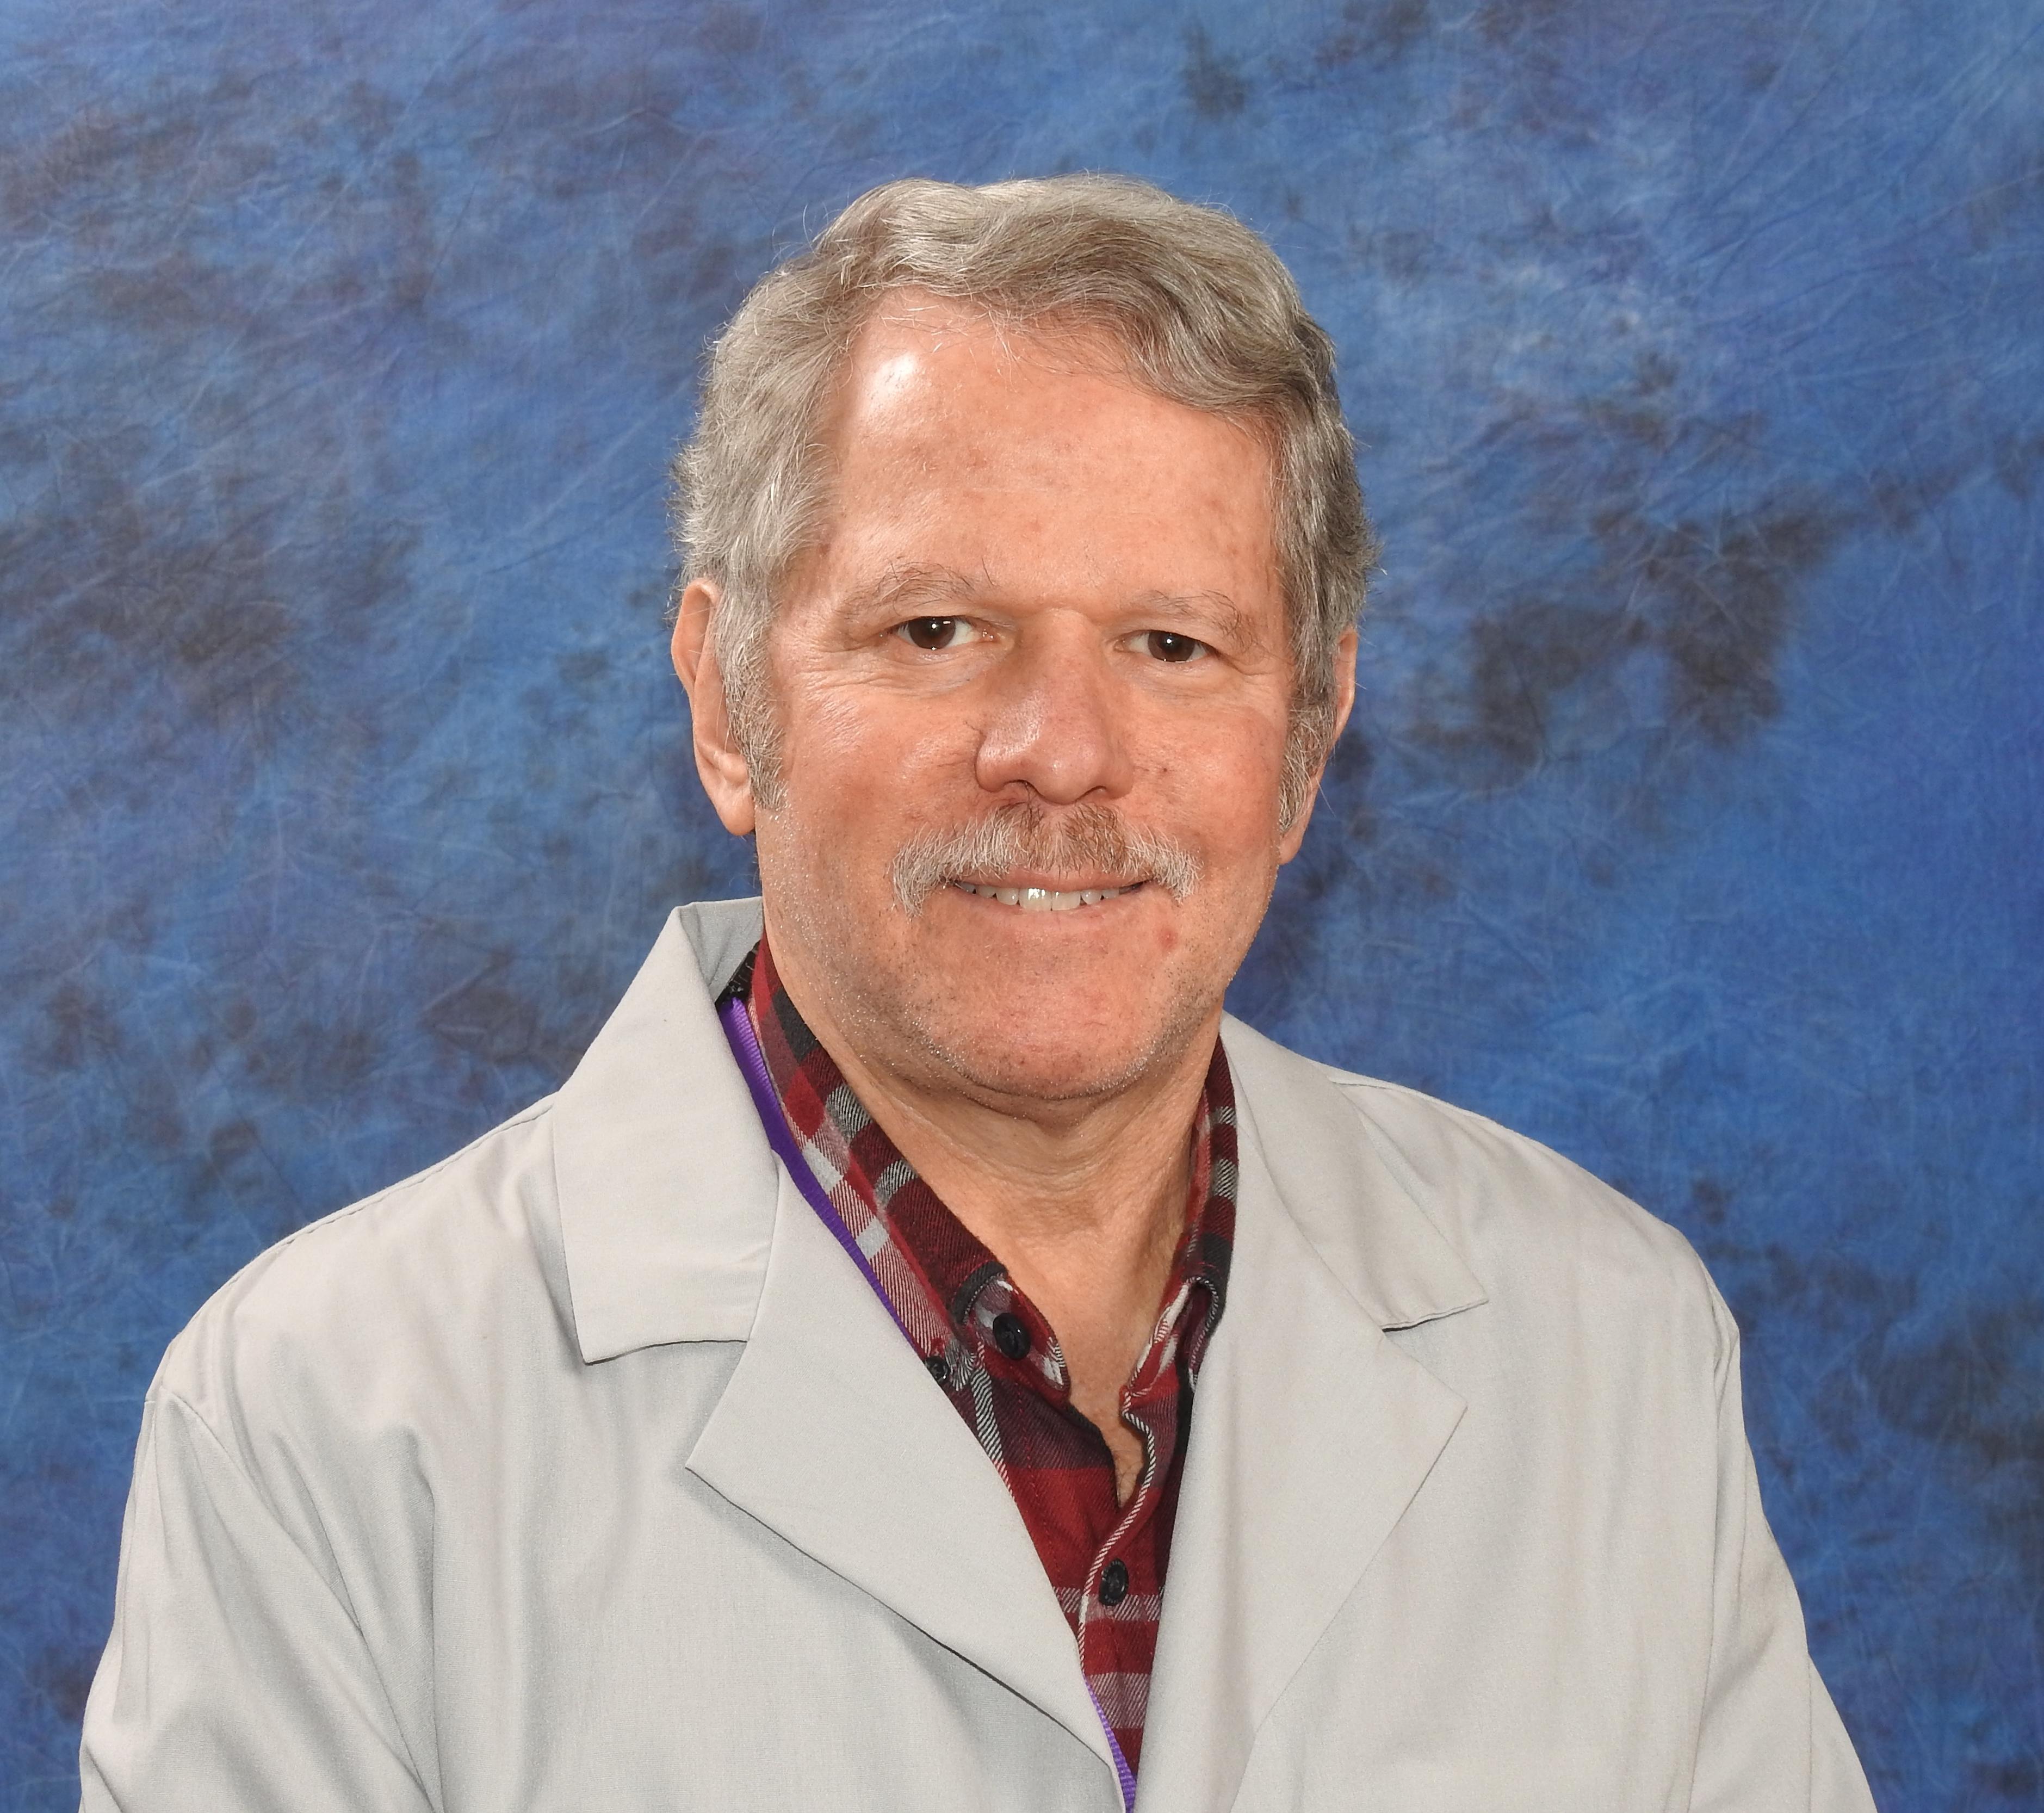 Simon J. Piller, MD